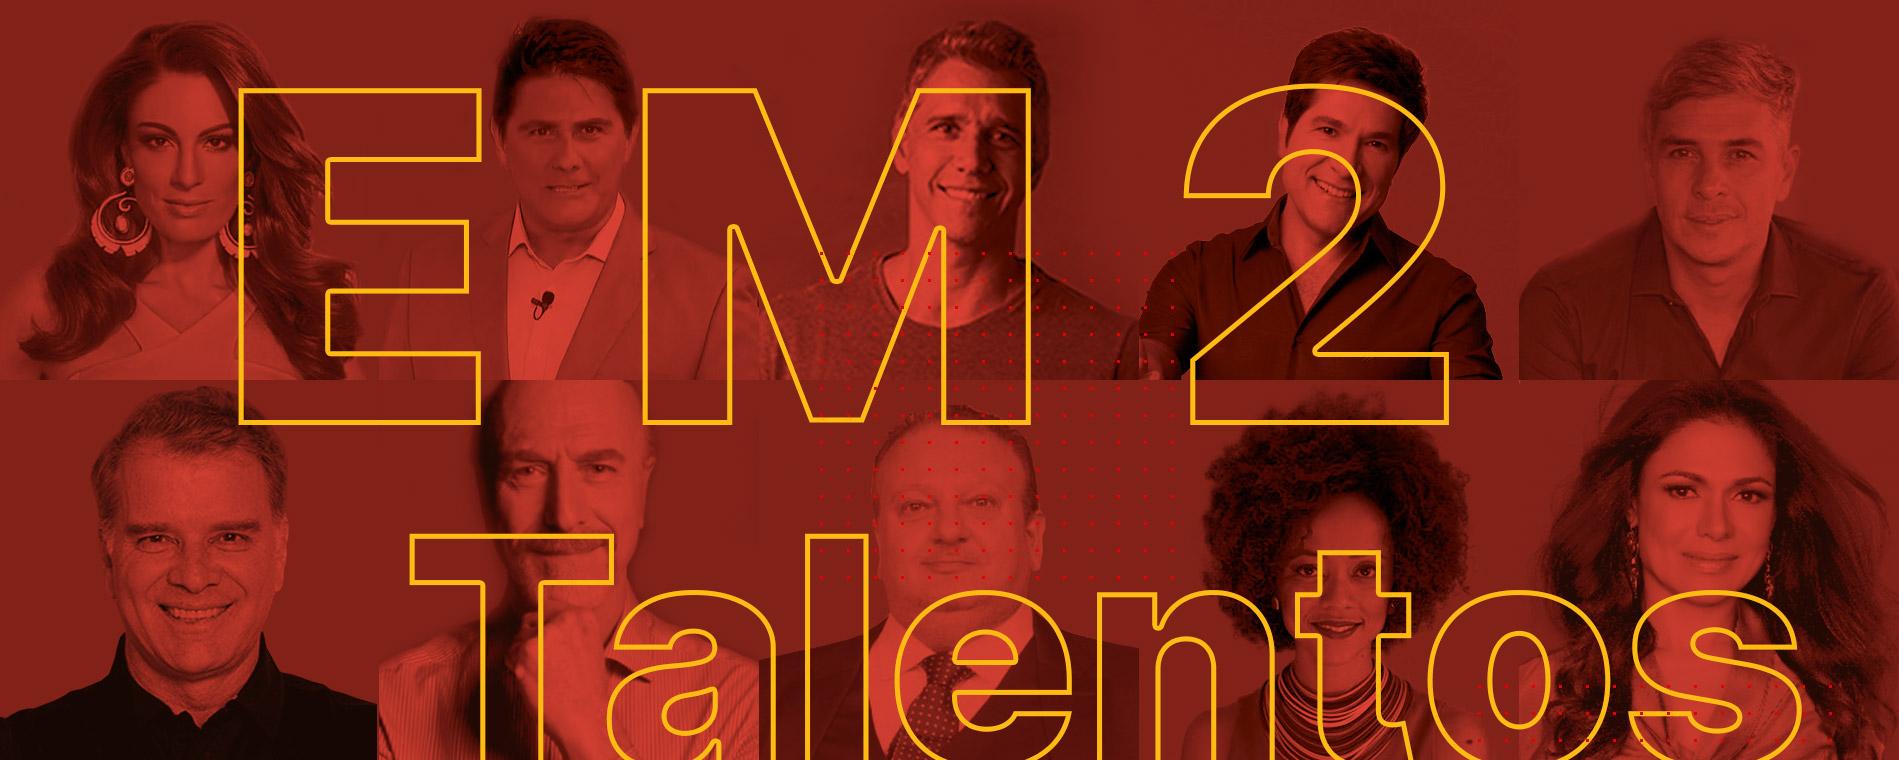 Banner com vários talentos EM2 Talentos e com o texto EM2 Talentos